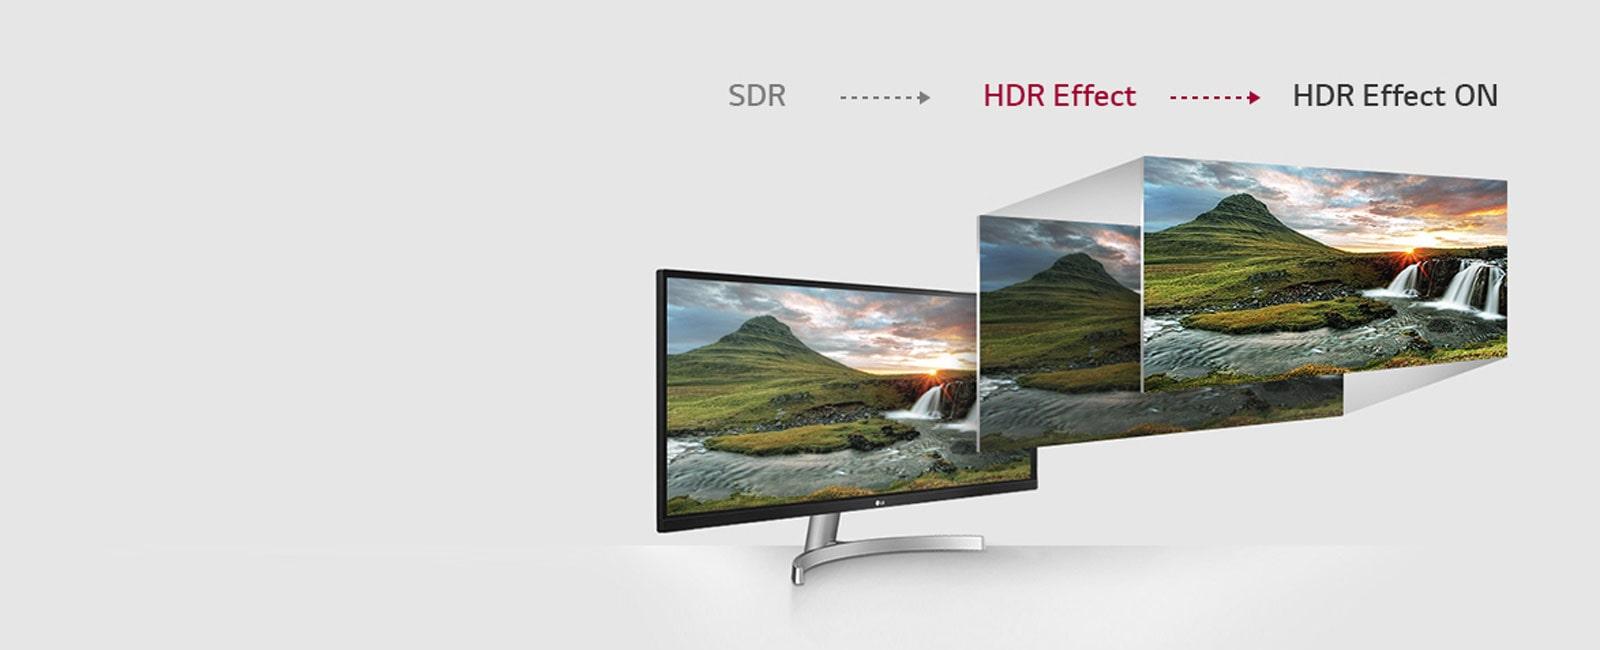 LG Monitors - HDR Effect